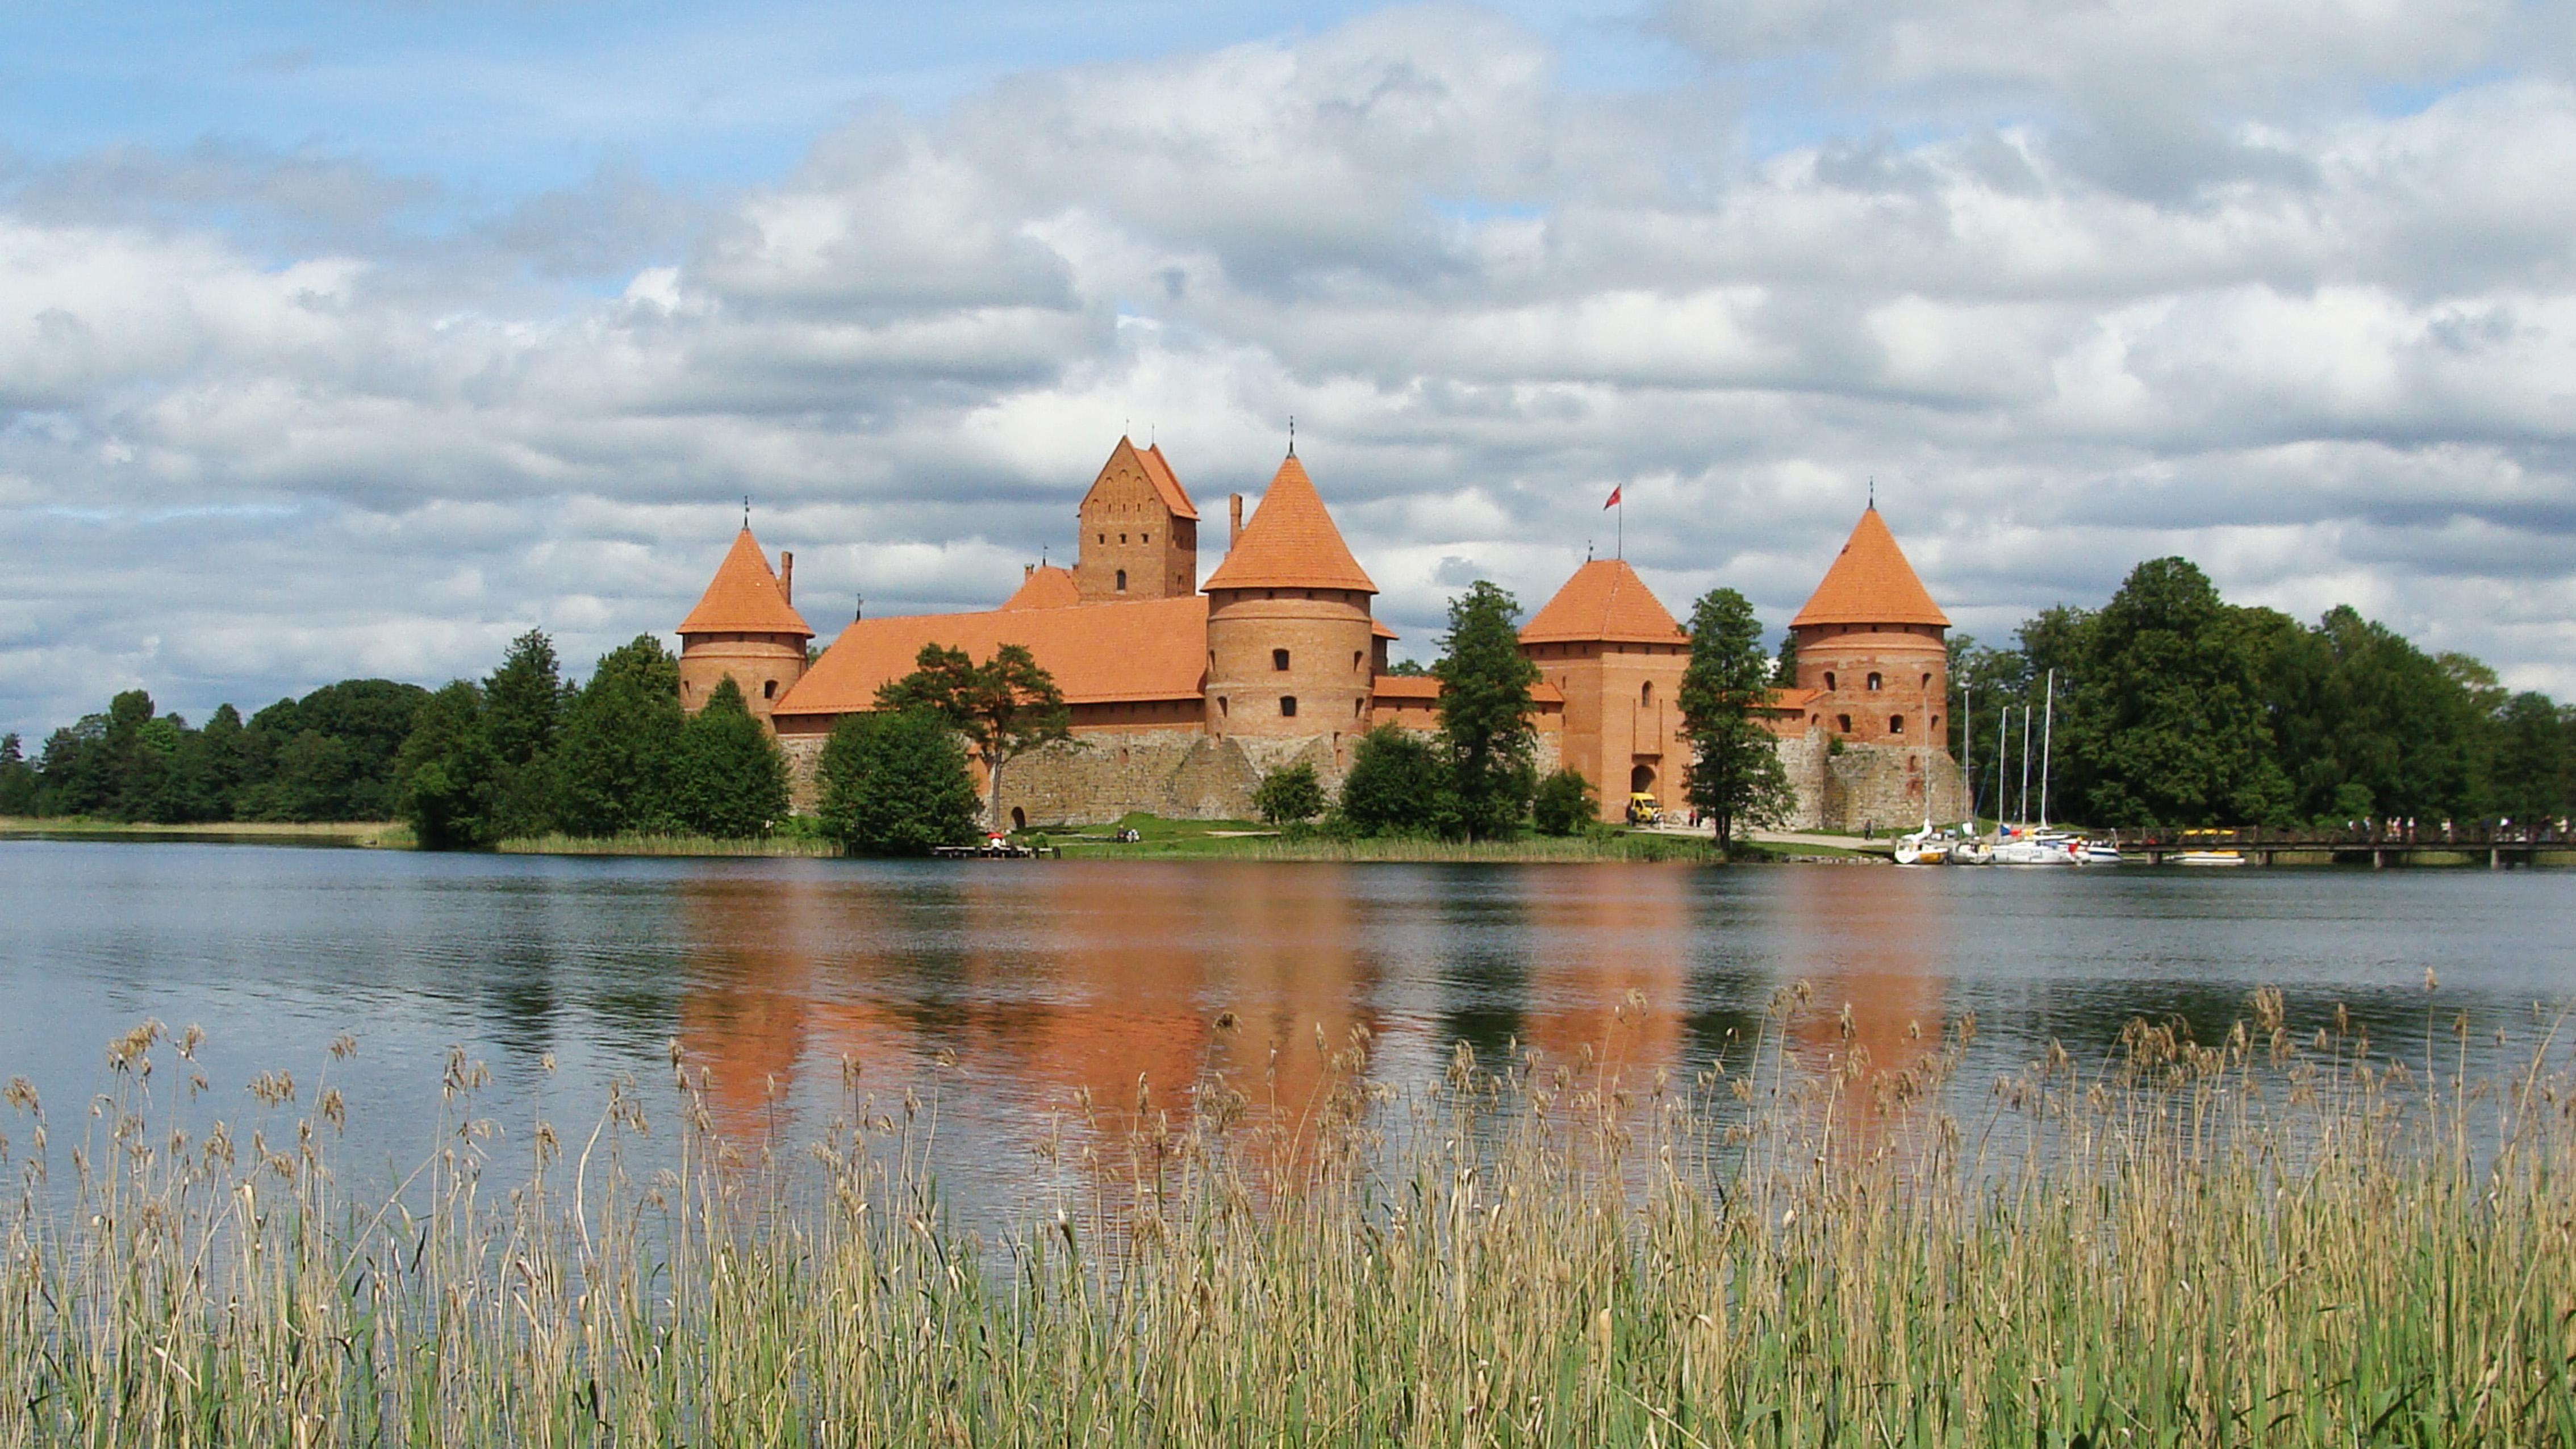 Zamek_w_Trokach.jpg